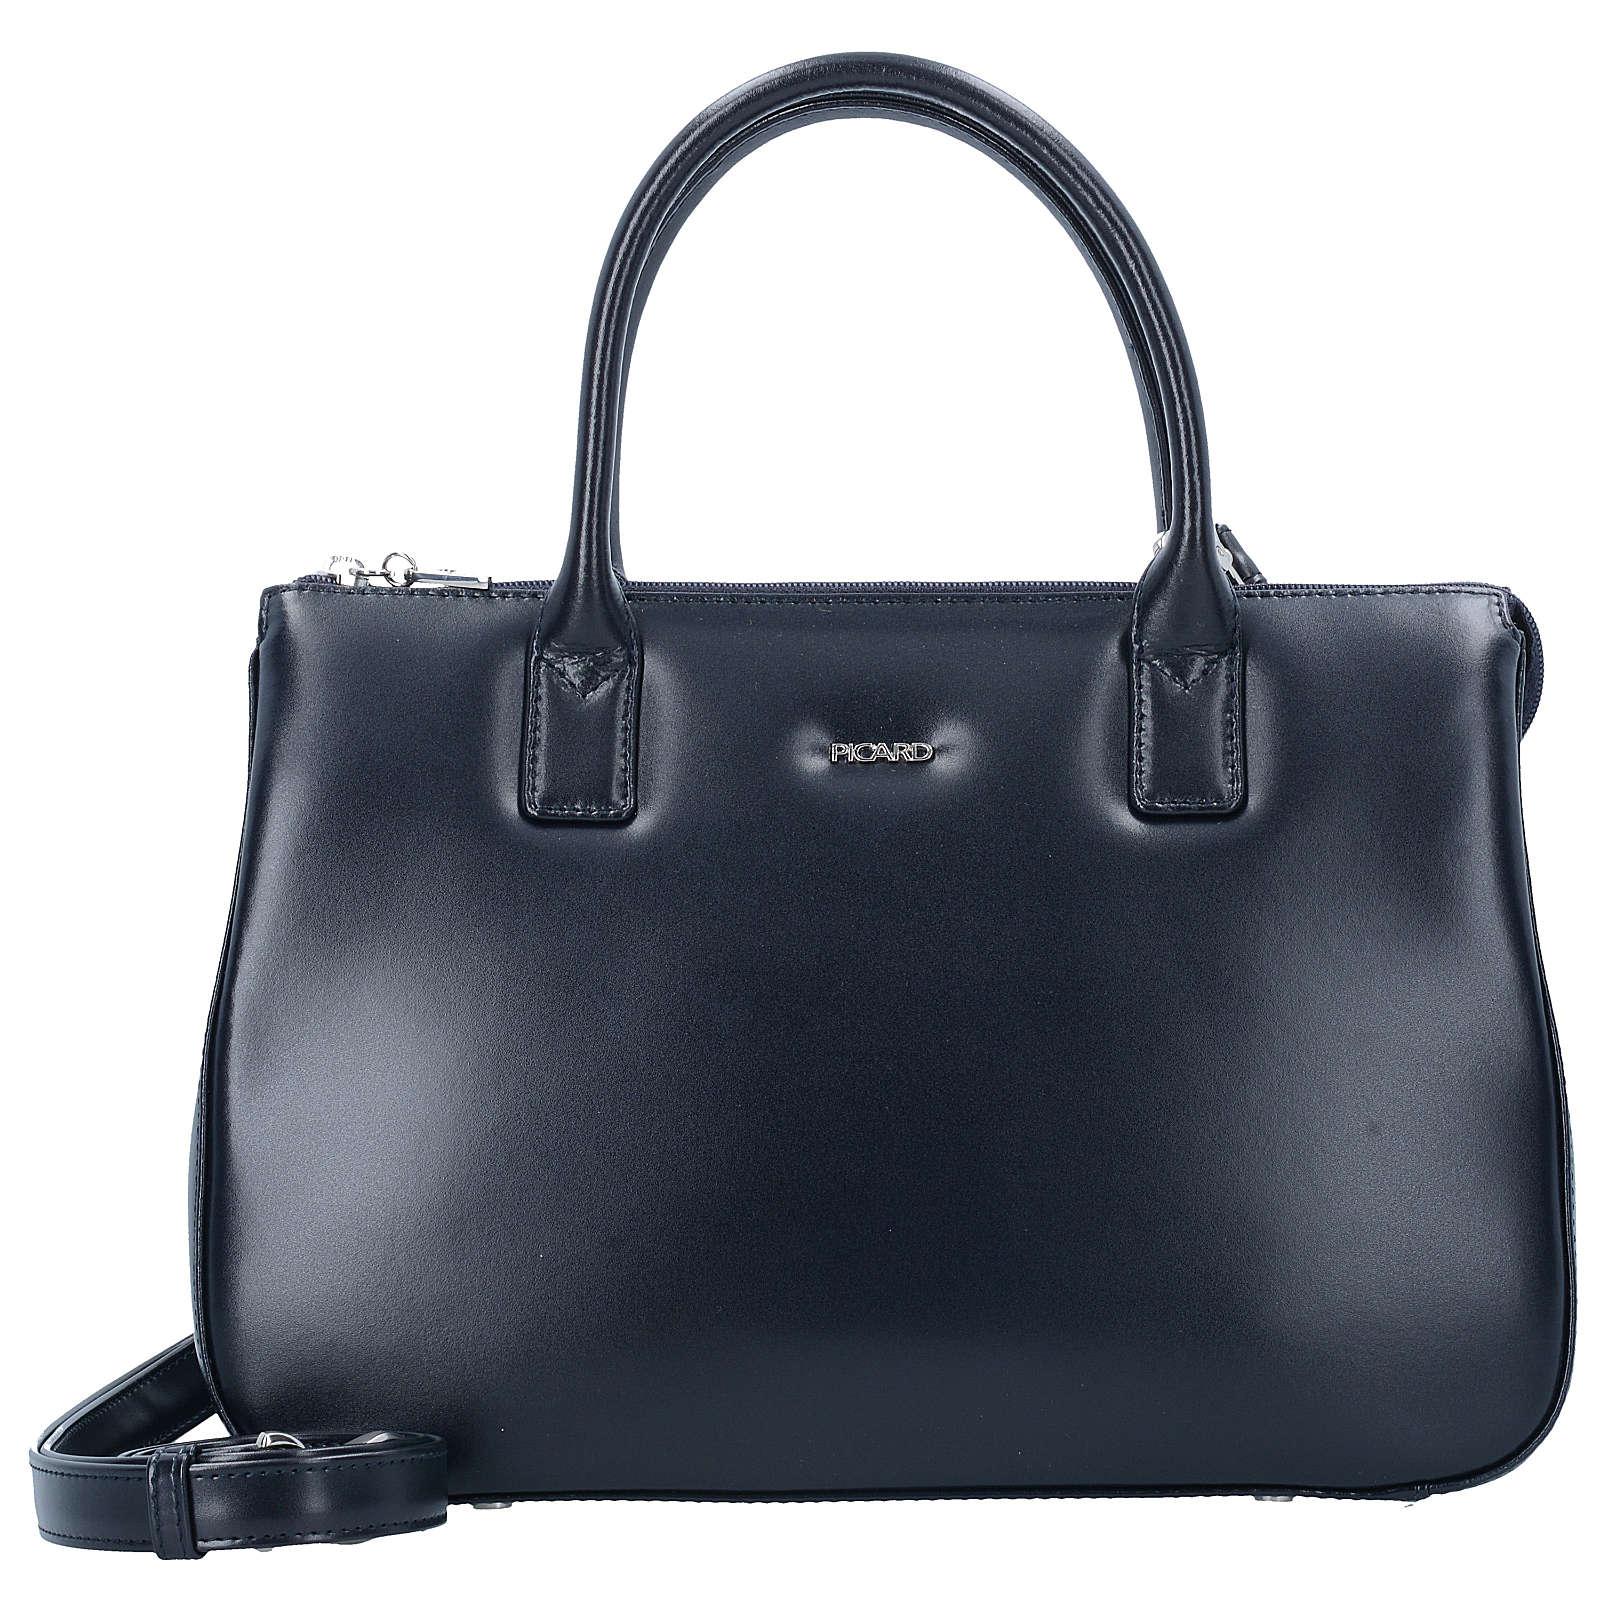 PICARD Promotion 5 Handtasche Leder 32 cm Handt...